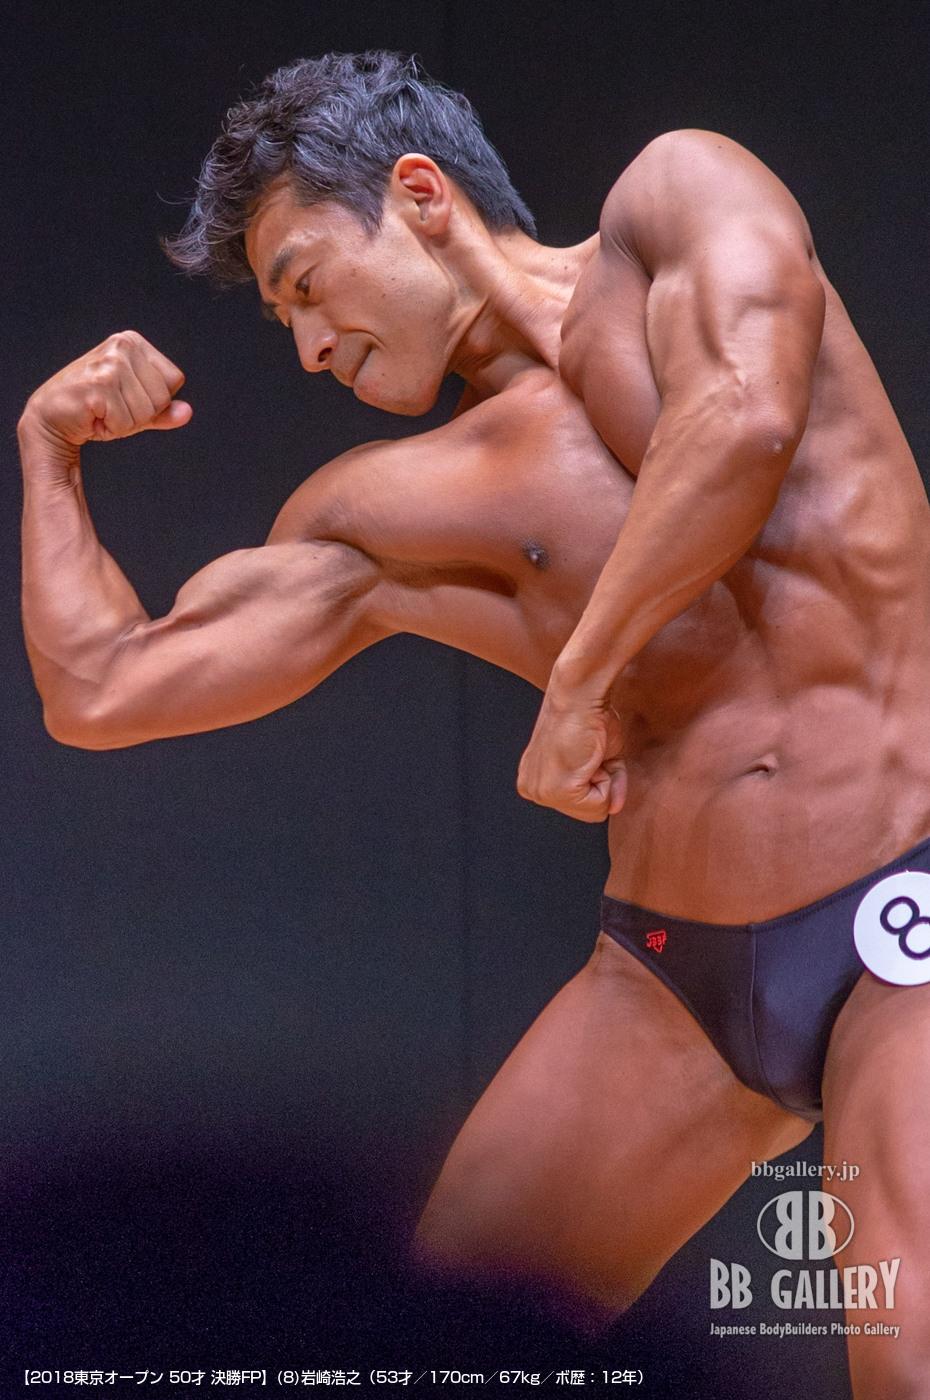 【2018東京オープン 50才 決勝FP】(8)岩崎浩之(53才/170cm/67kg/ボ歴:12年)